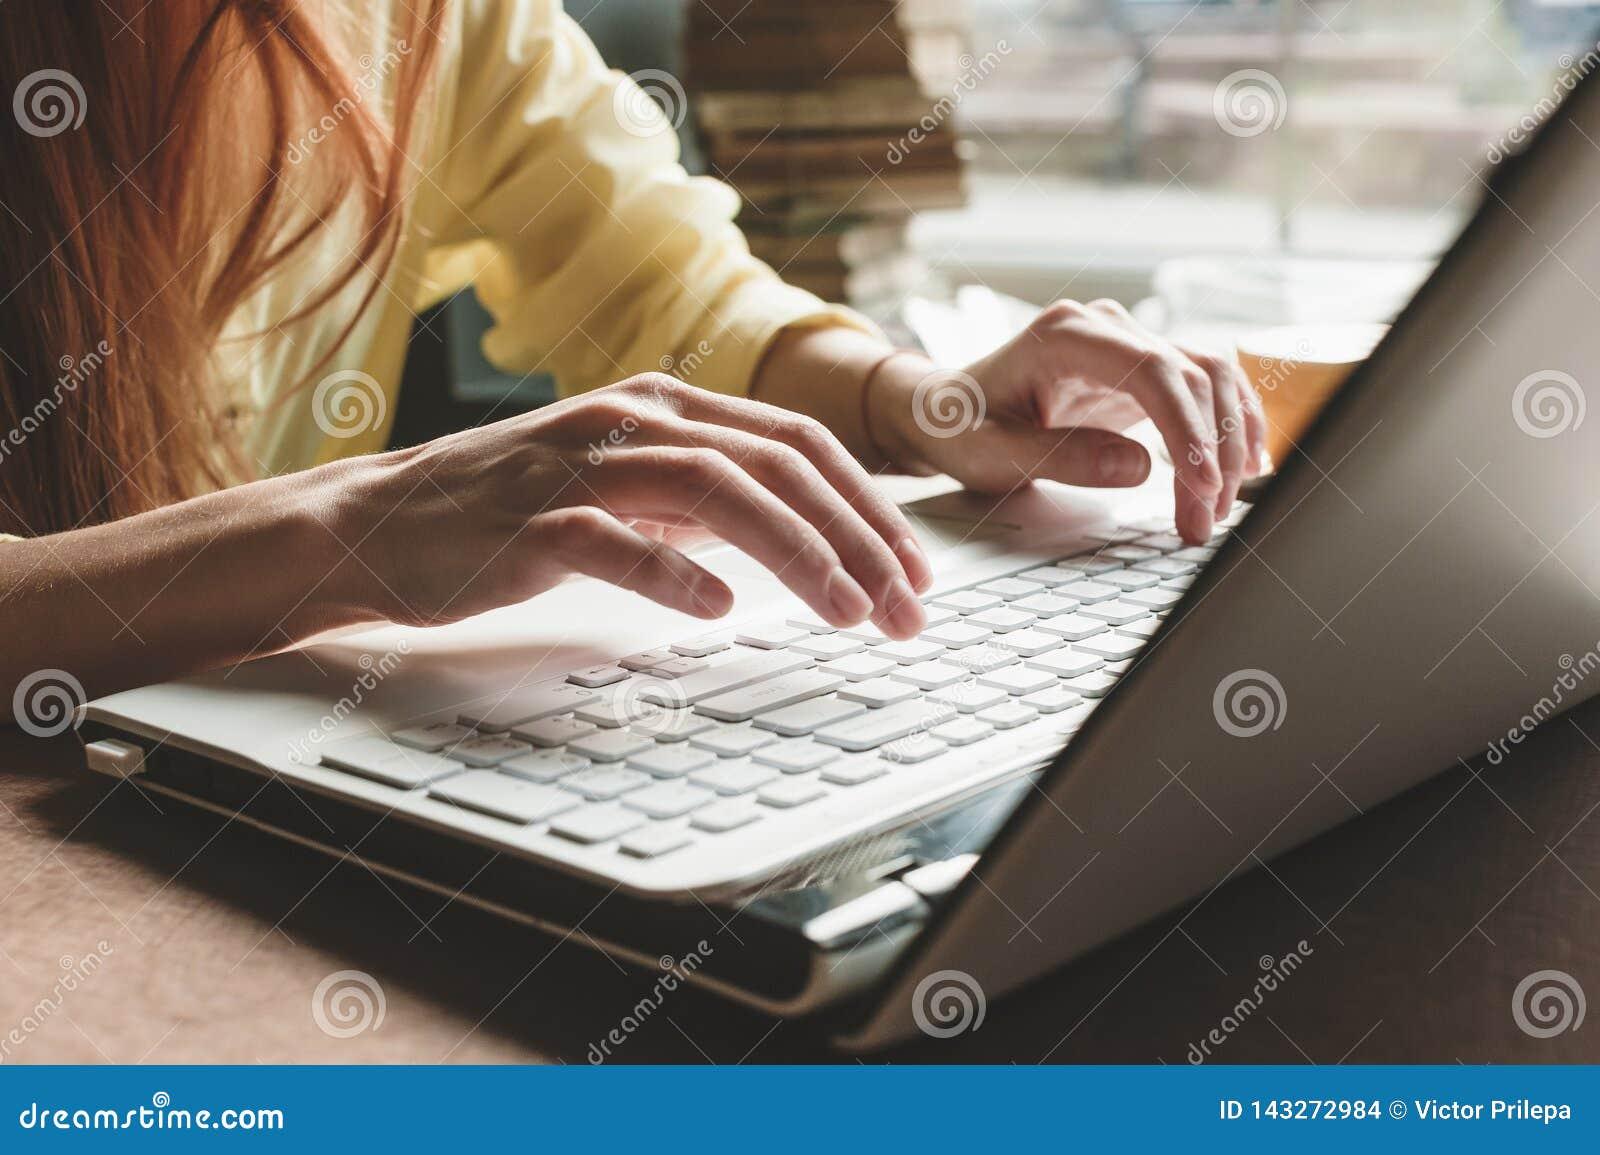 Das Mädchen druckt auf einem weißen Computer Nahaufnahme von Händen auf der Tastatur eines Computers